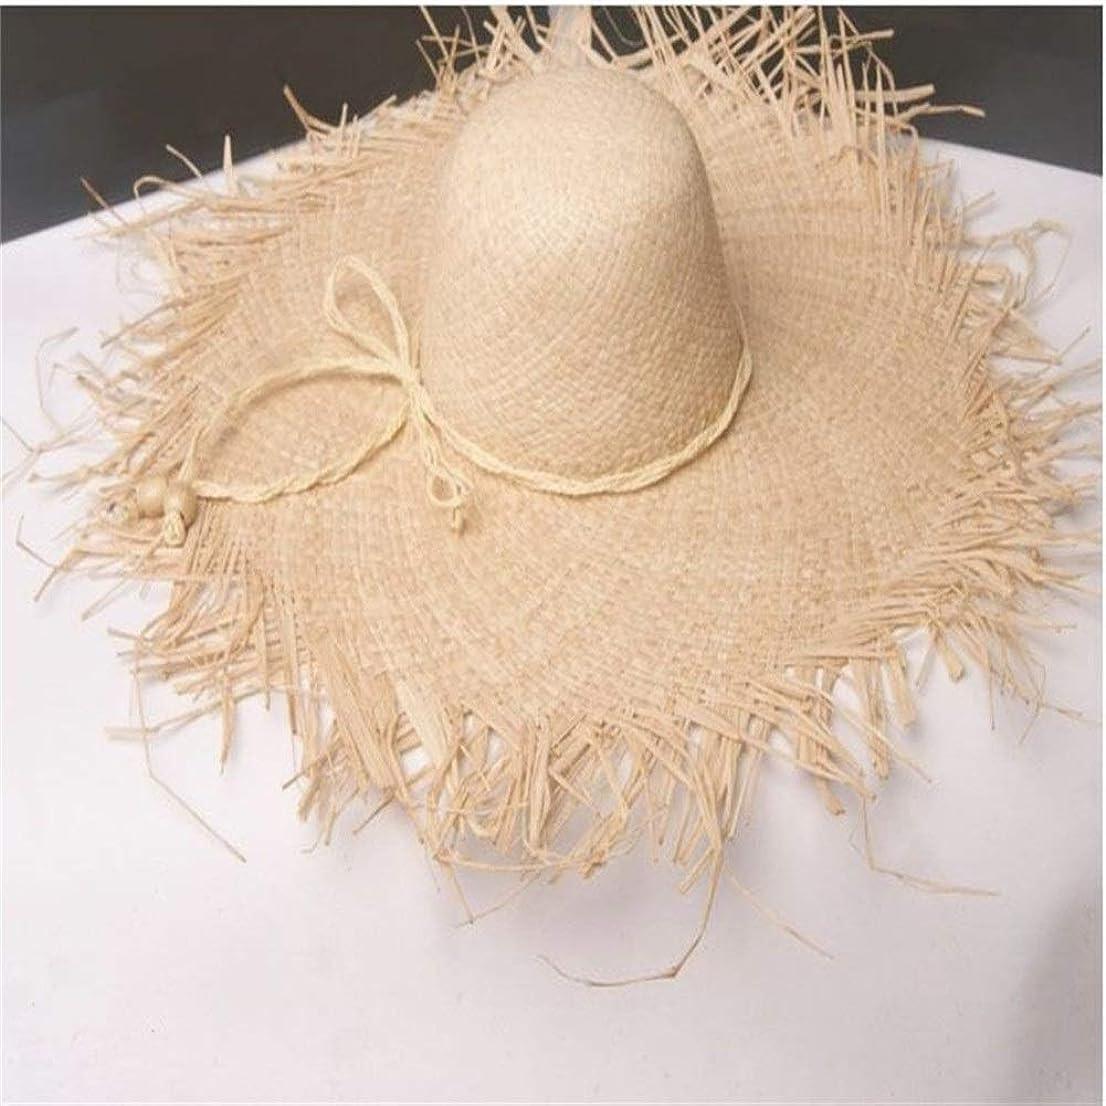 一口障害者飲食店自然大つば広帽子織サークルフリンジビーチ帽子夏の中空アウトビッグストローハット (Color : Beige 1)